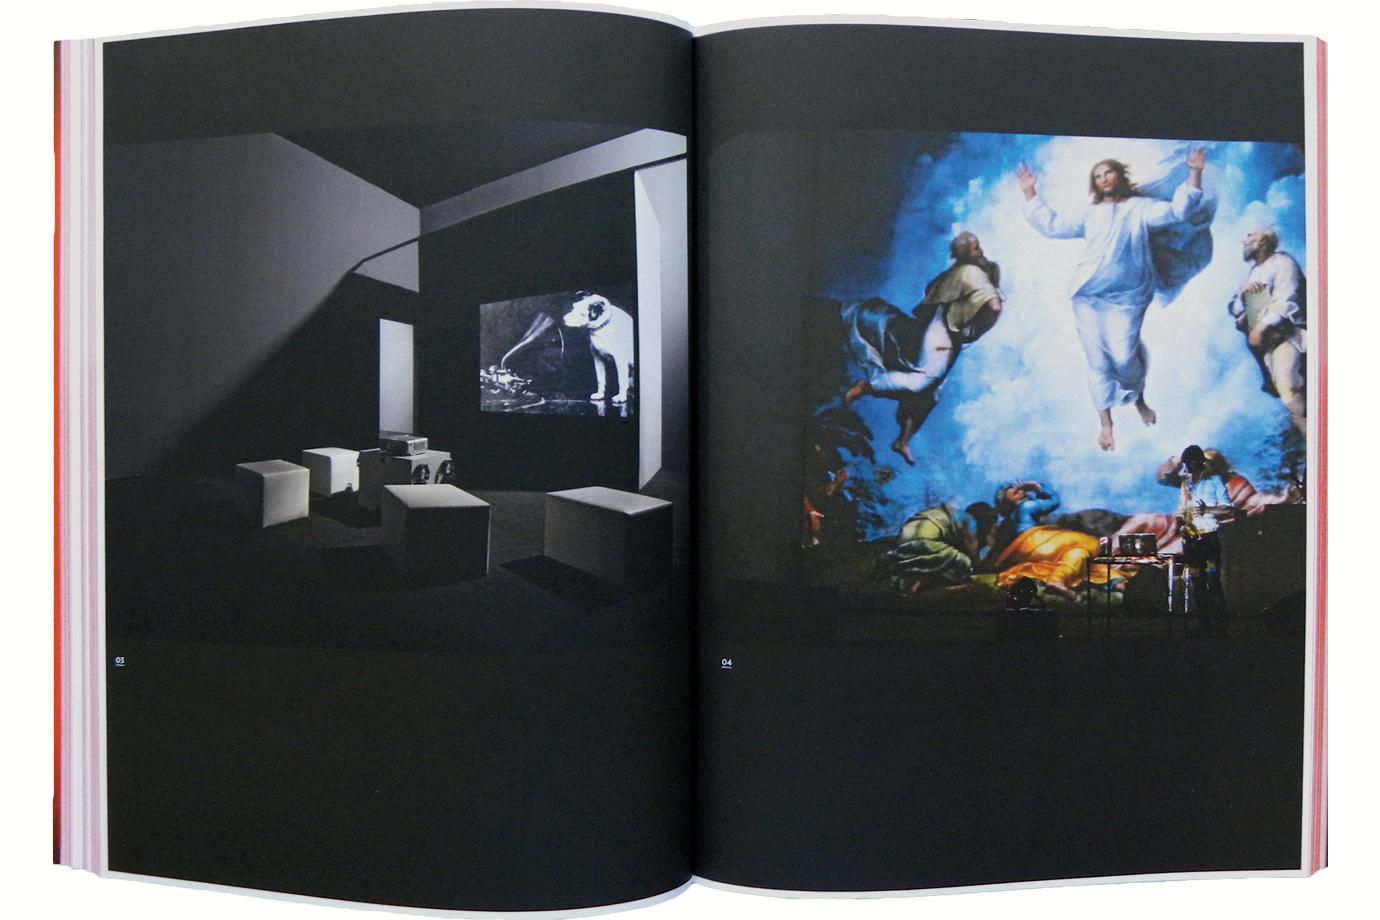 http://e-o-t.de/wordpress/wp-content/uploads/2017/07/eot-2011_Ars-Viva_Book_8.jpg